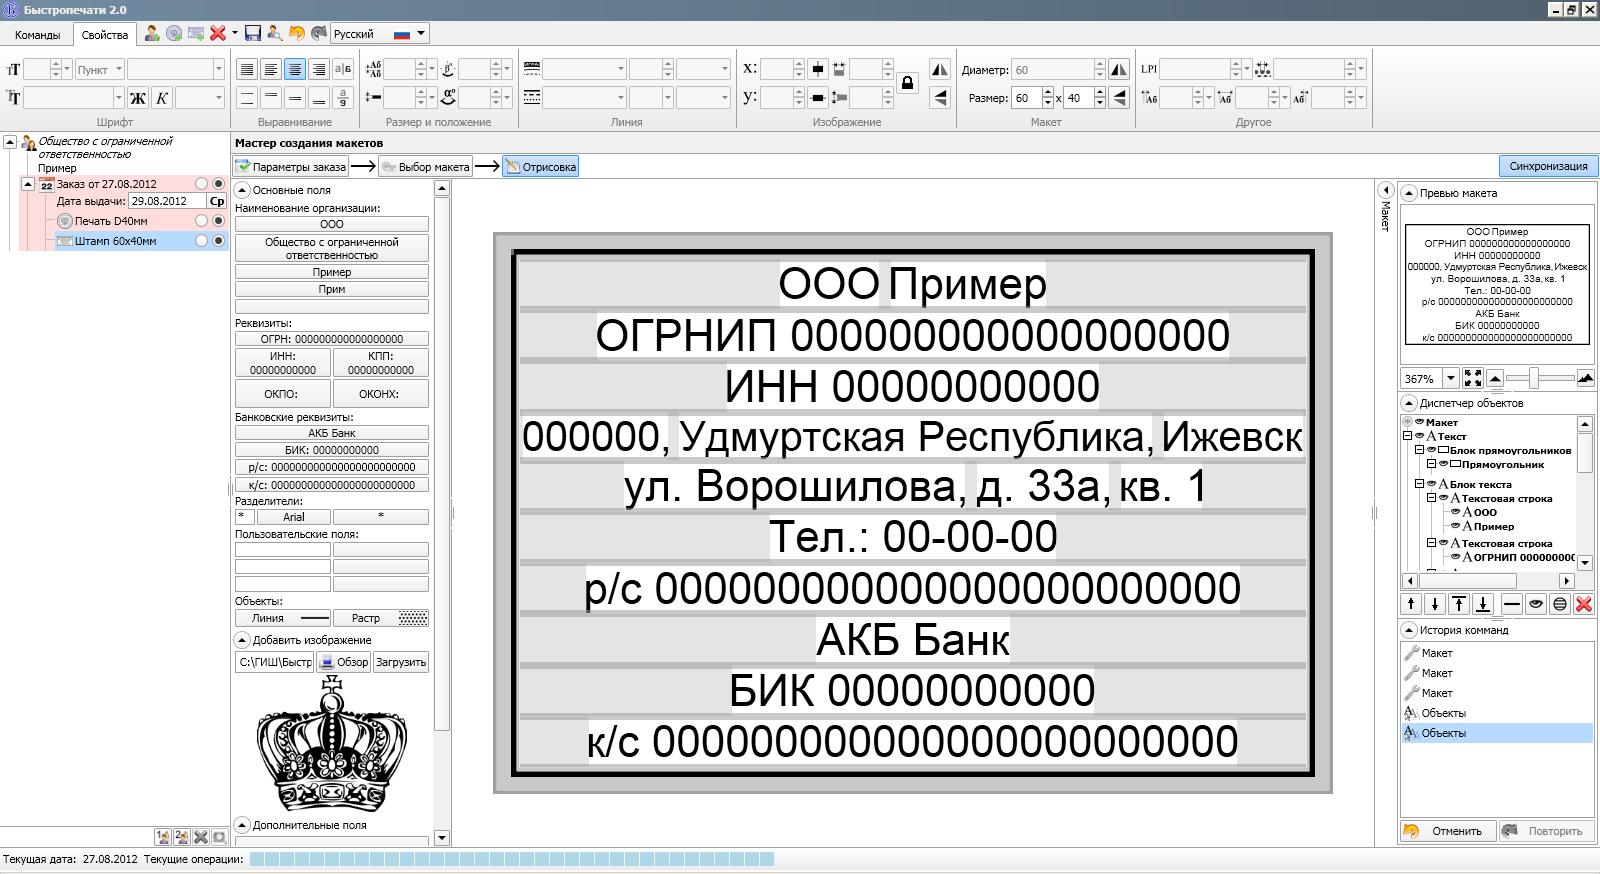 Программа по работе с печатями